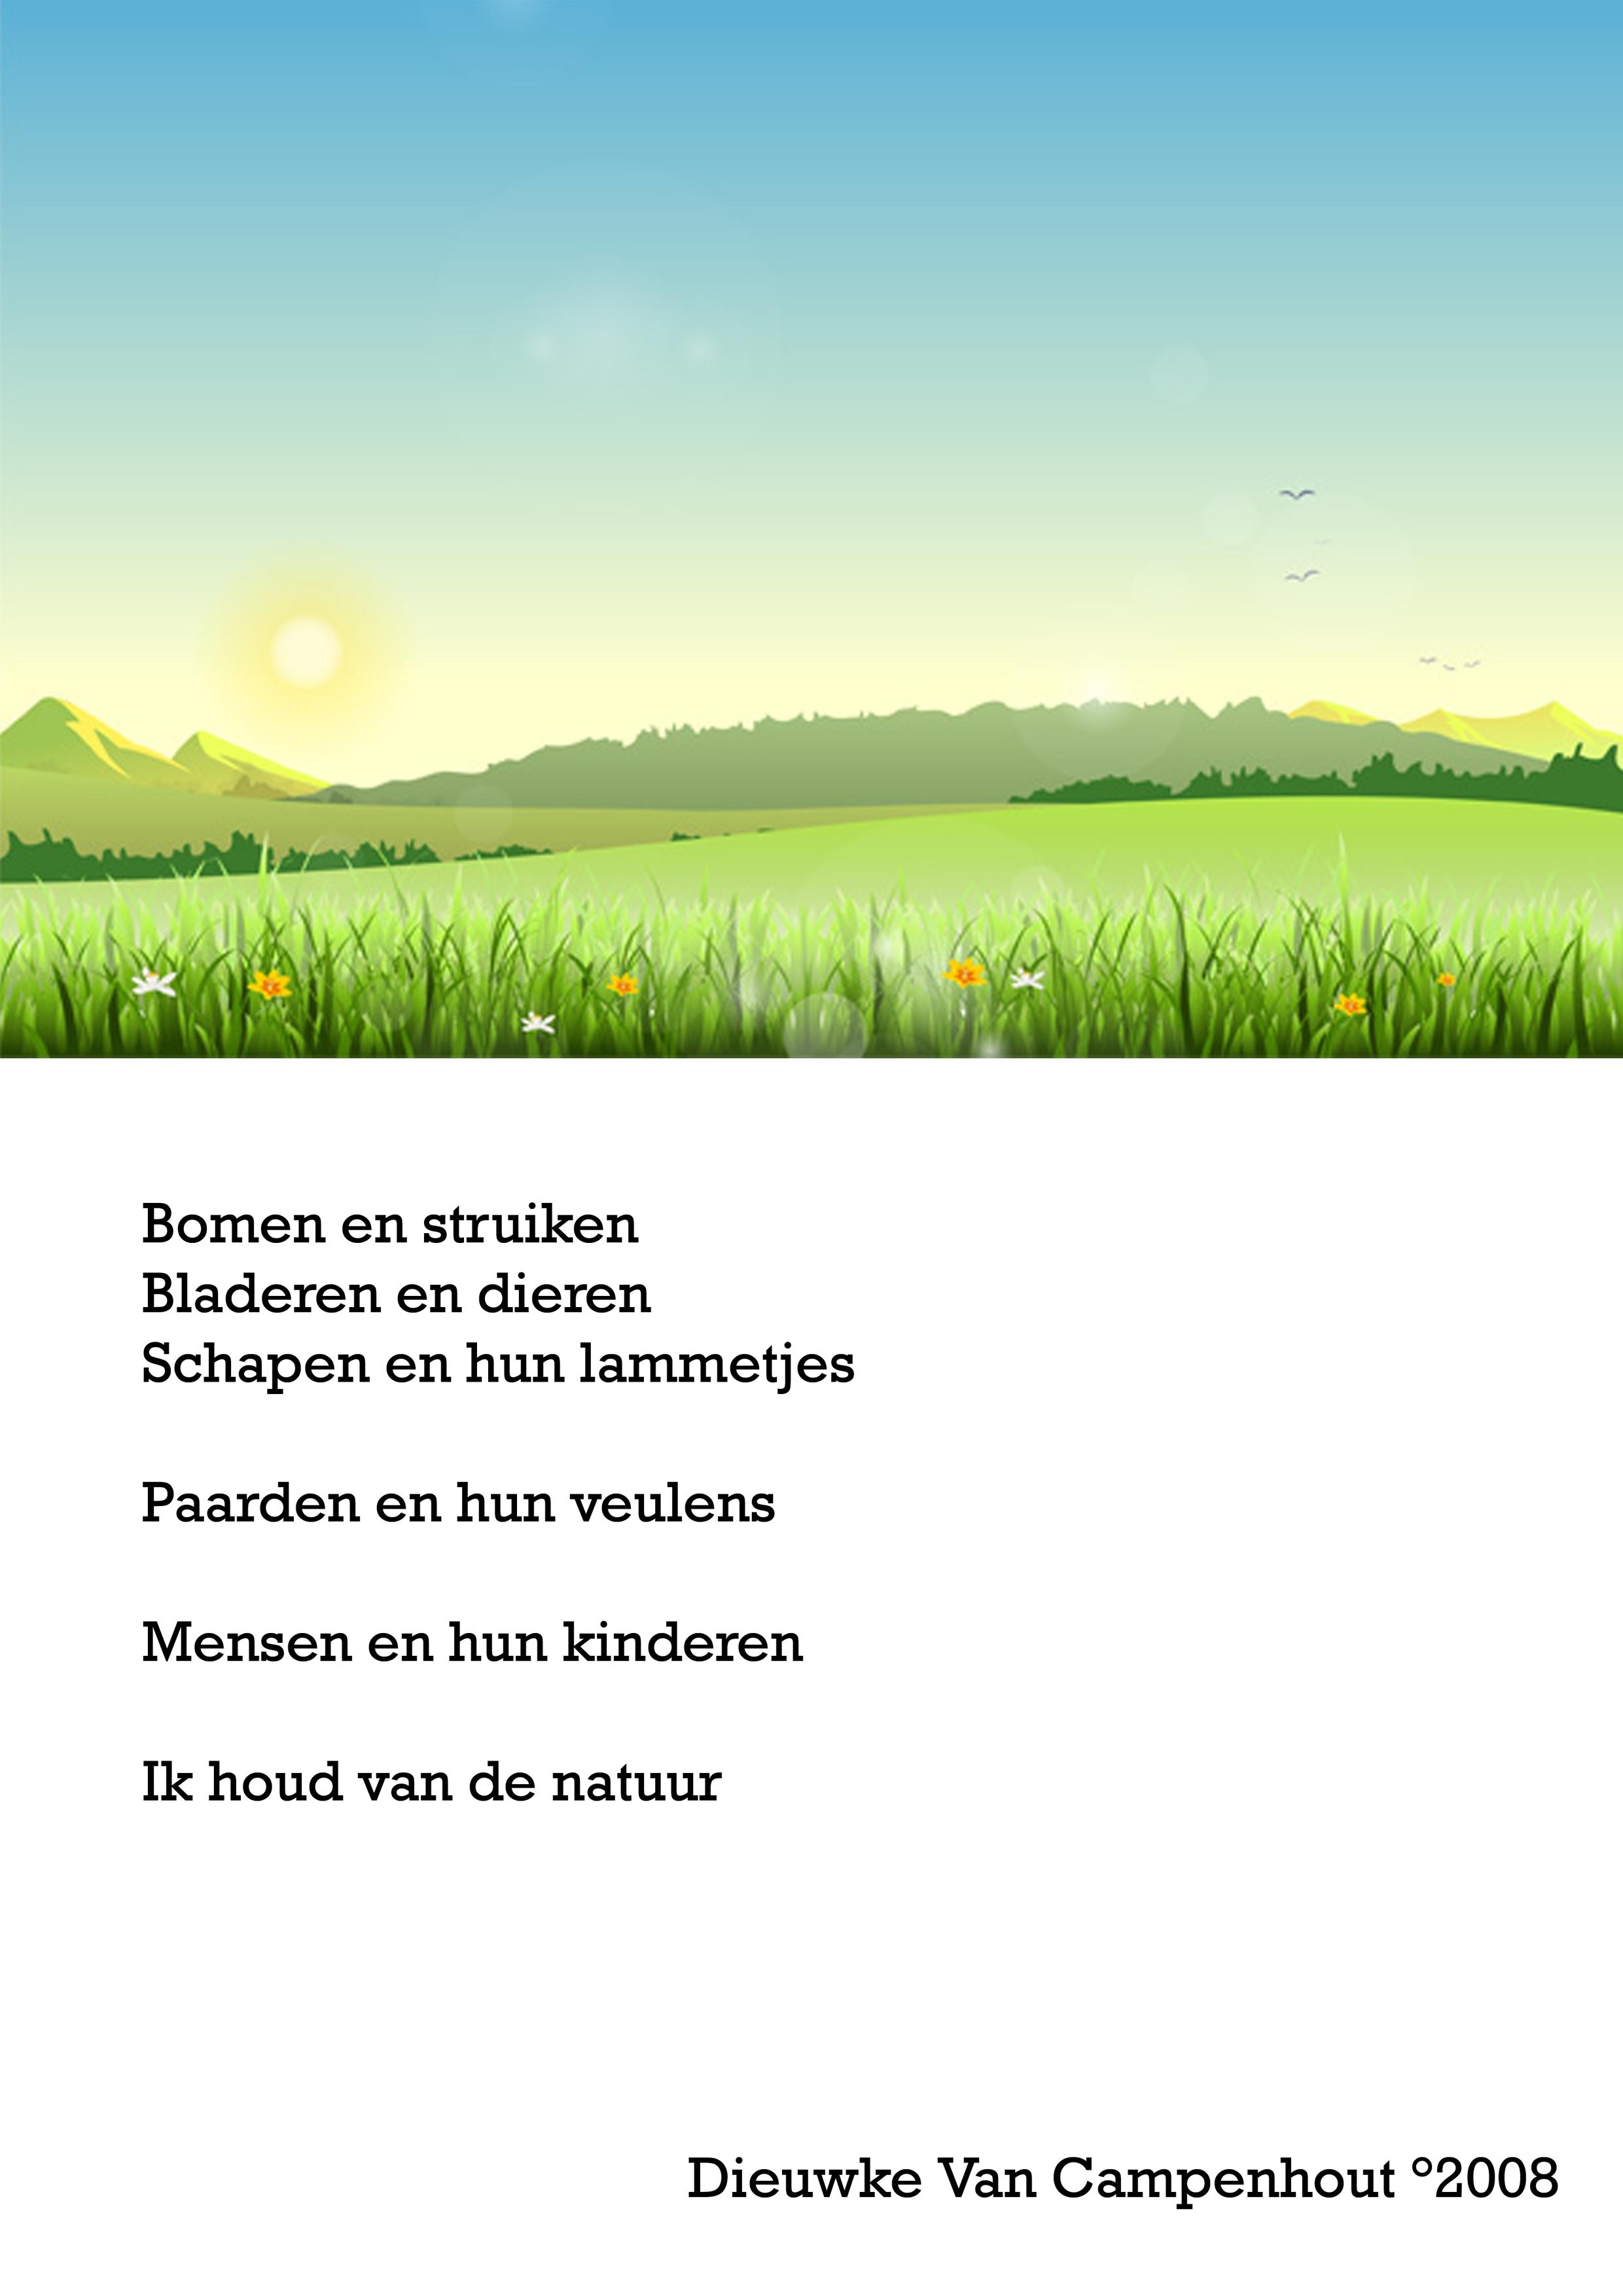 dieuwke van Campenhout